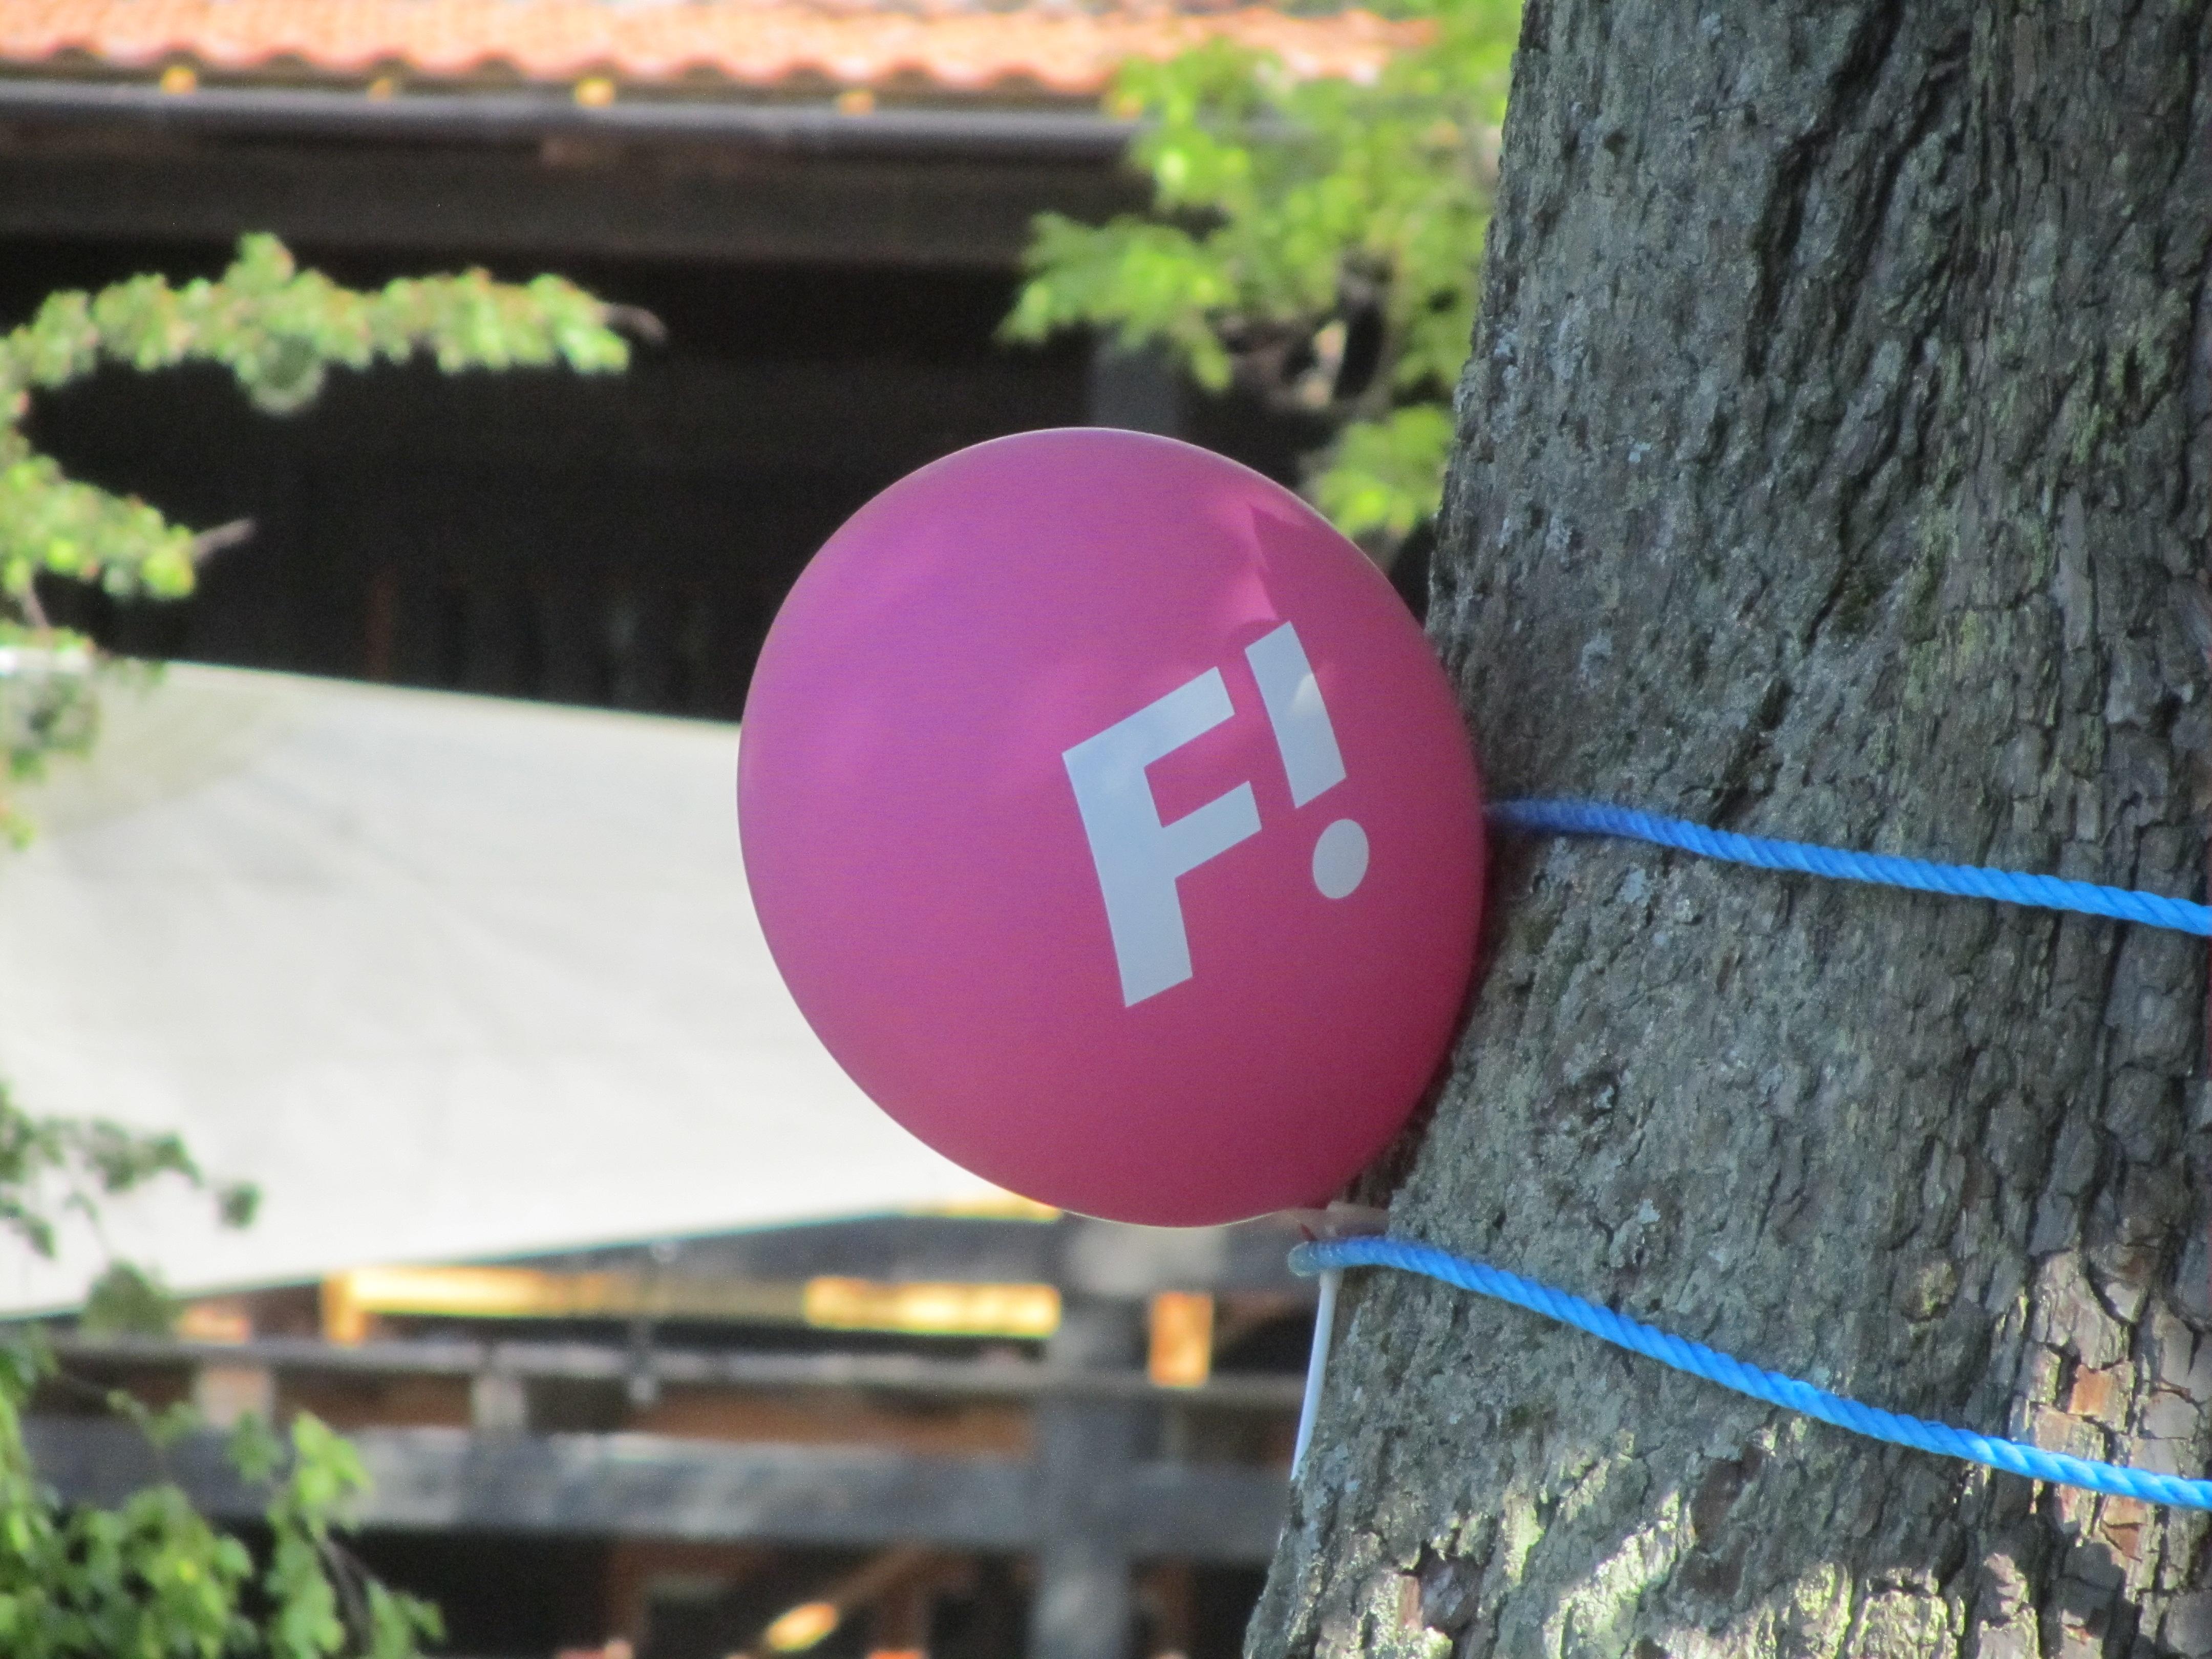 Ballong från Fi - Feministiskt initativ